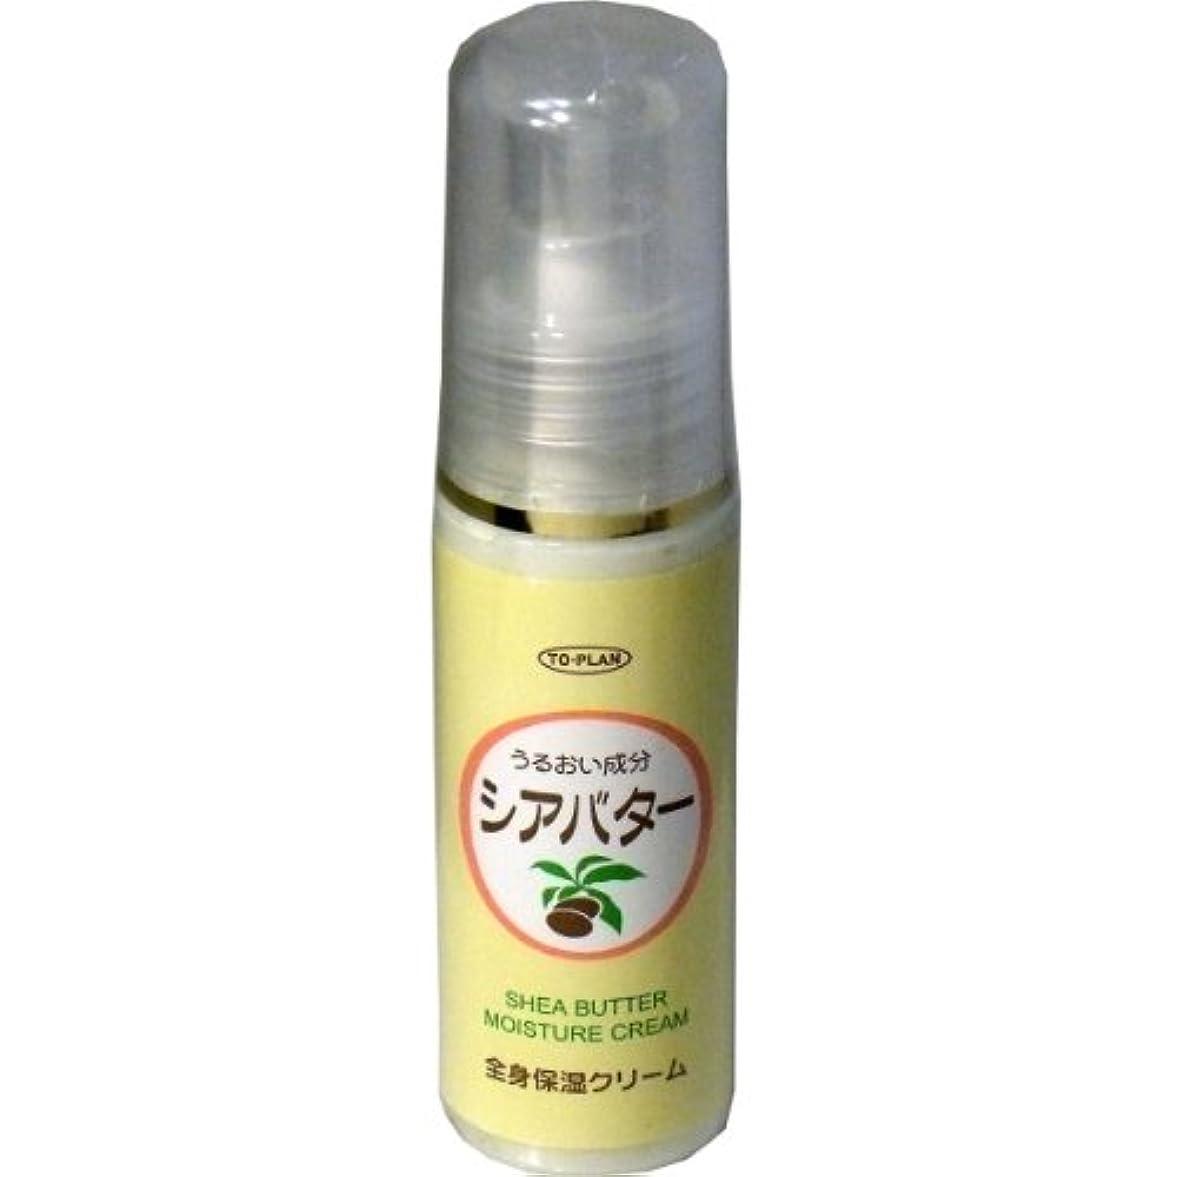 施設感情許可トプラン シアバター全身保湿クリーム ポンプ 50mL (商品内訳:単品1個)